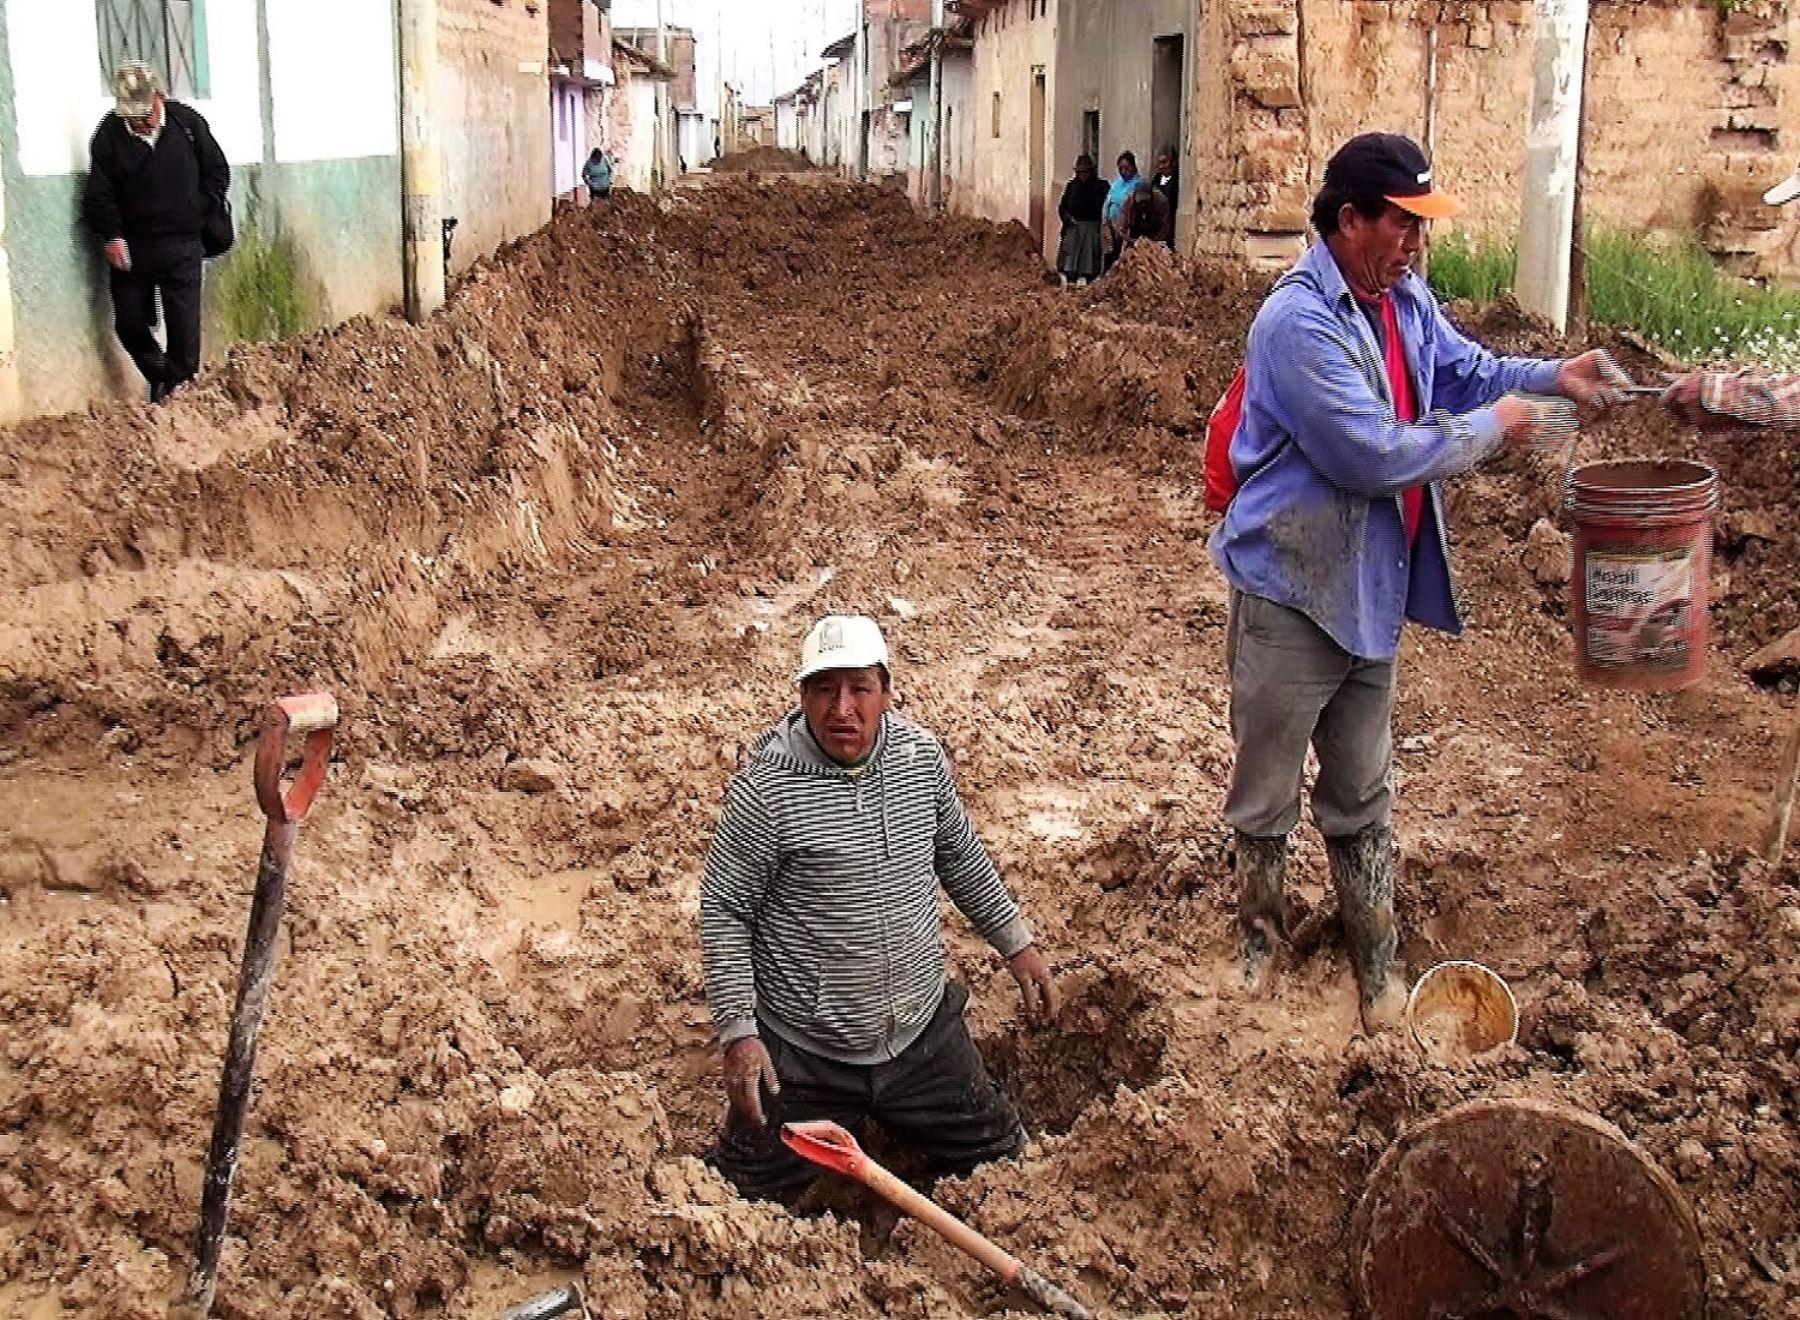 Más de 30 viviendas de distrito de Sicaya, Huancayo, resultaron afectadas por fuerte lluvia. ANDINA/Pedro Tinoco